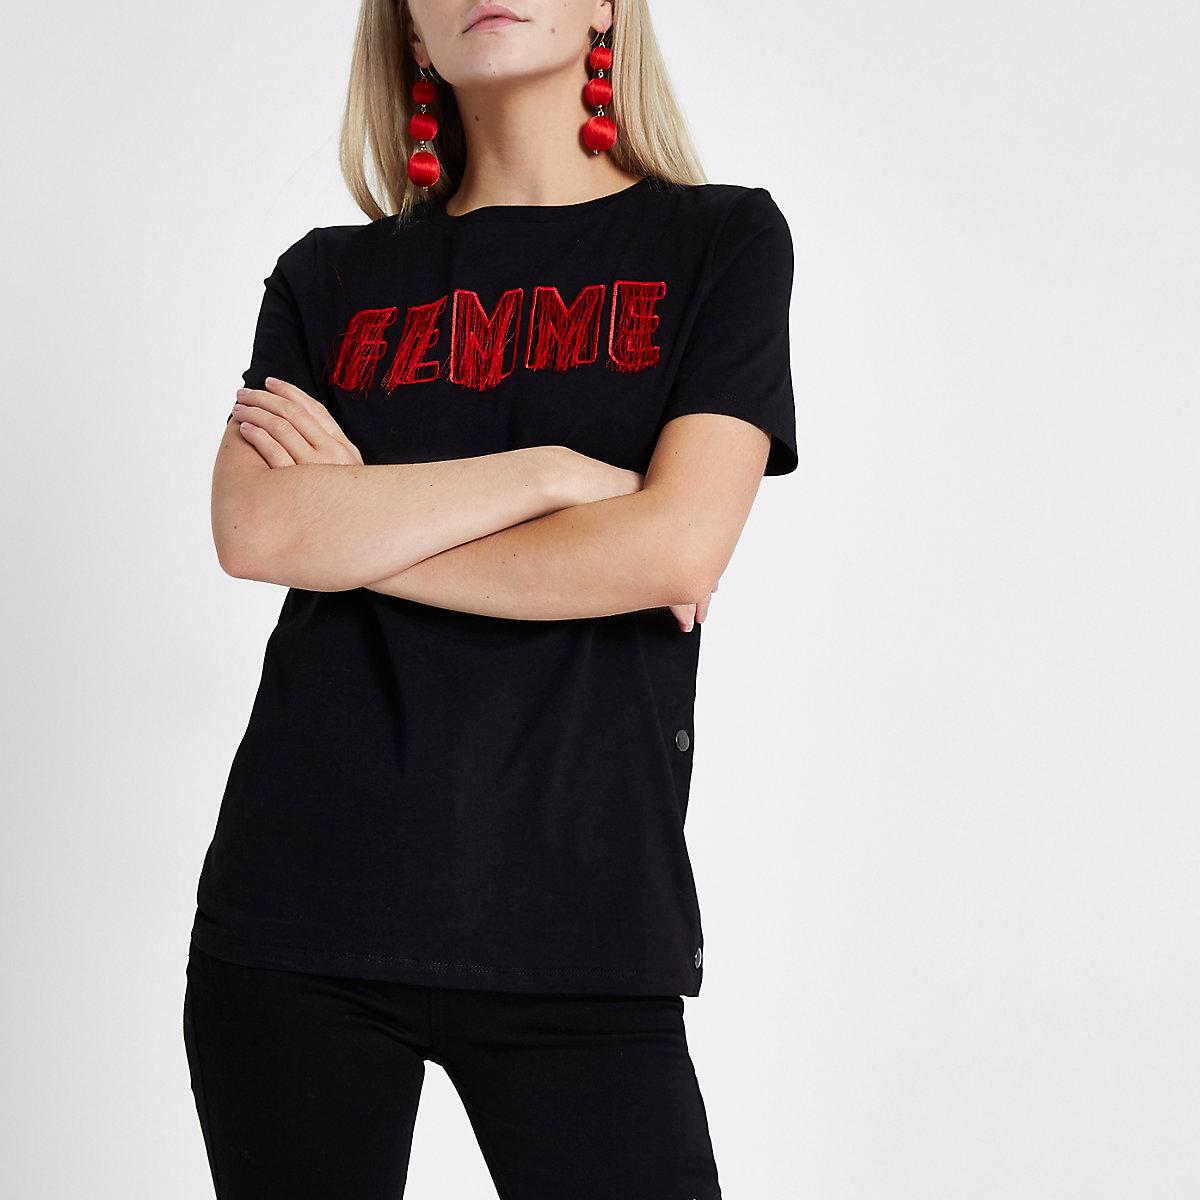 """Petite – Schwarzes T-Shirt """"femme"""""""